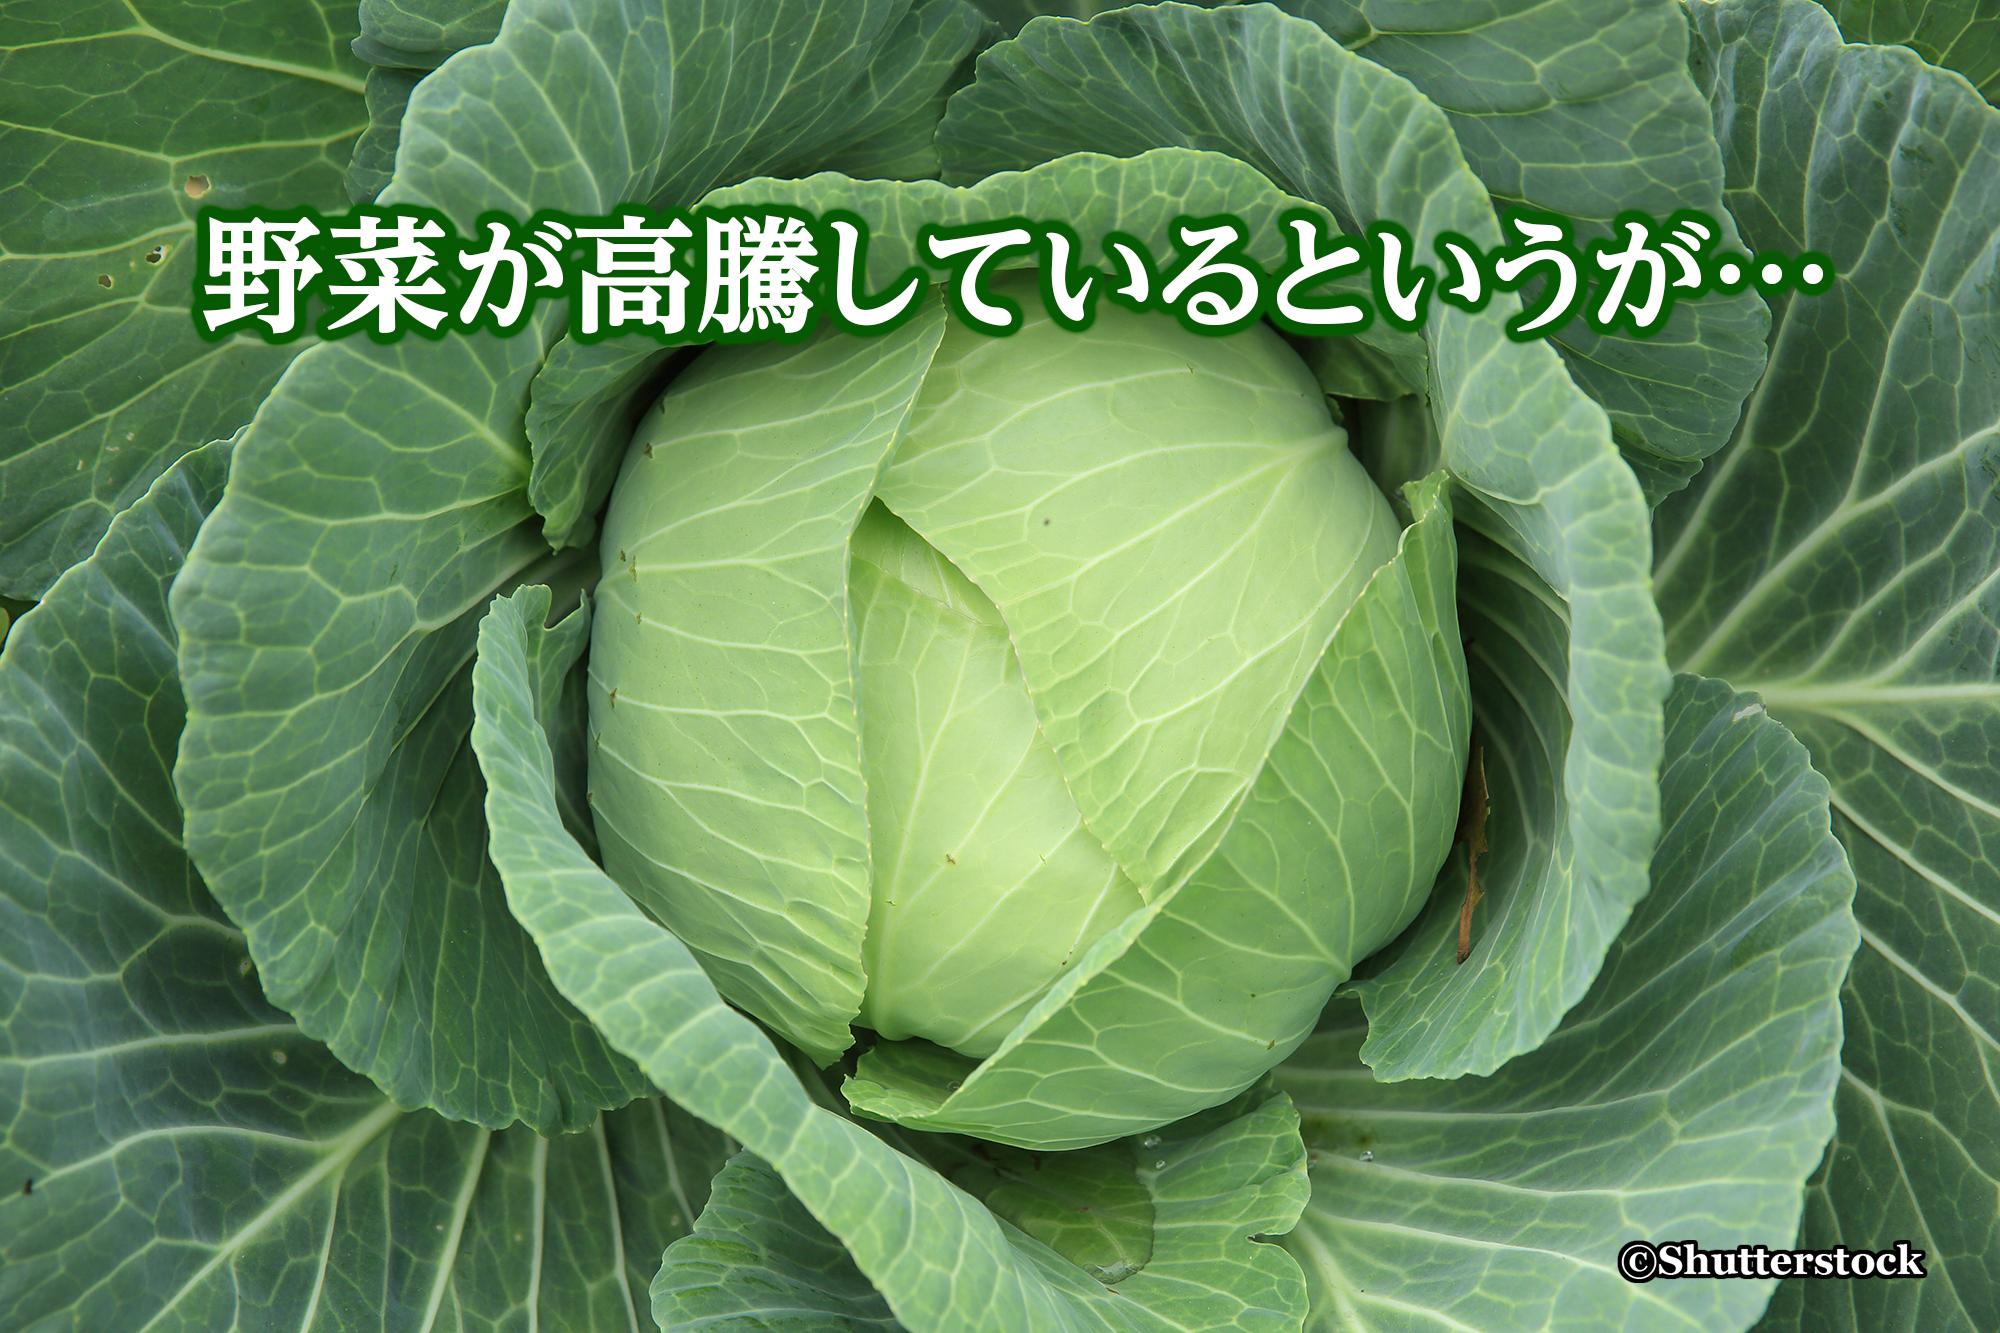 野菜が高騰しているというが…